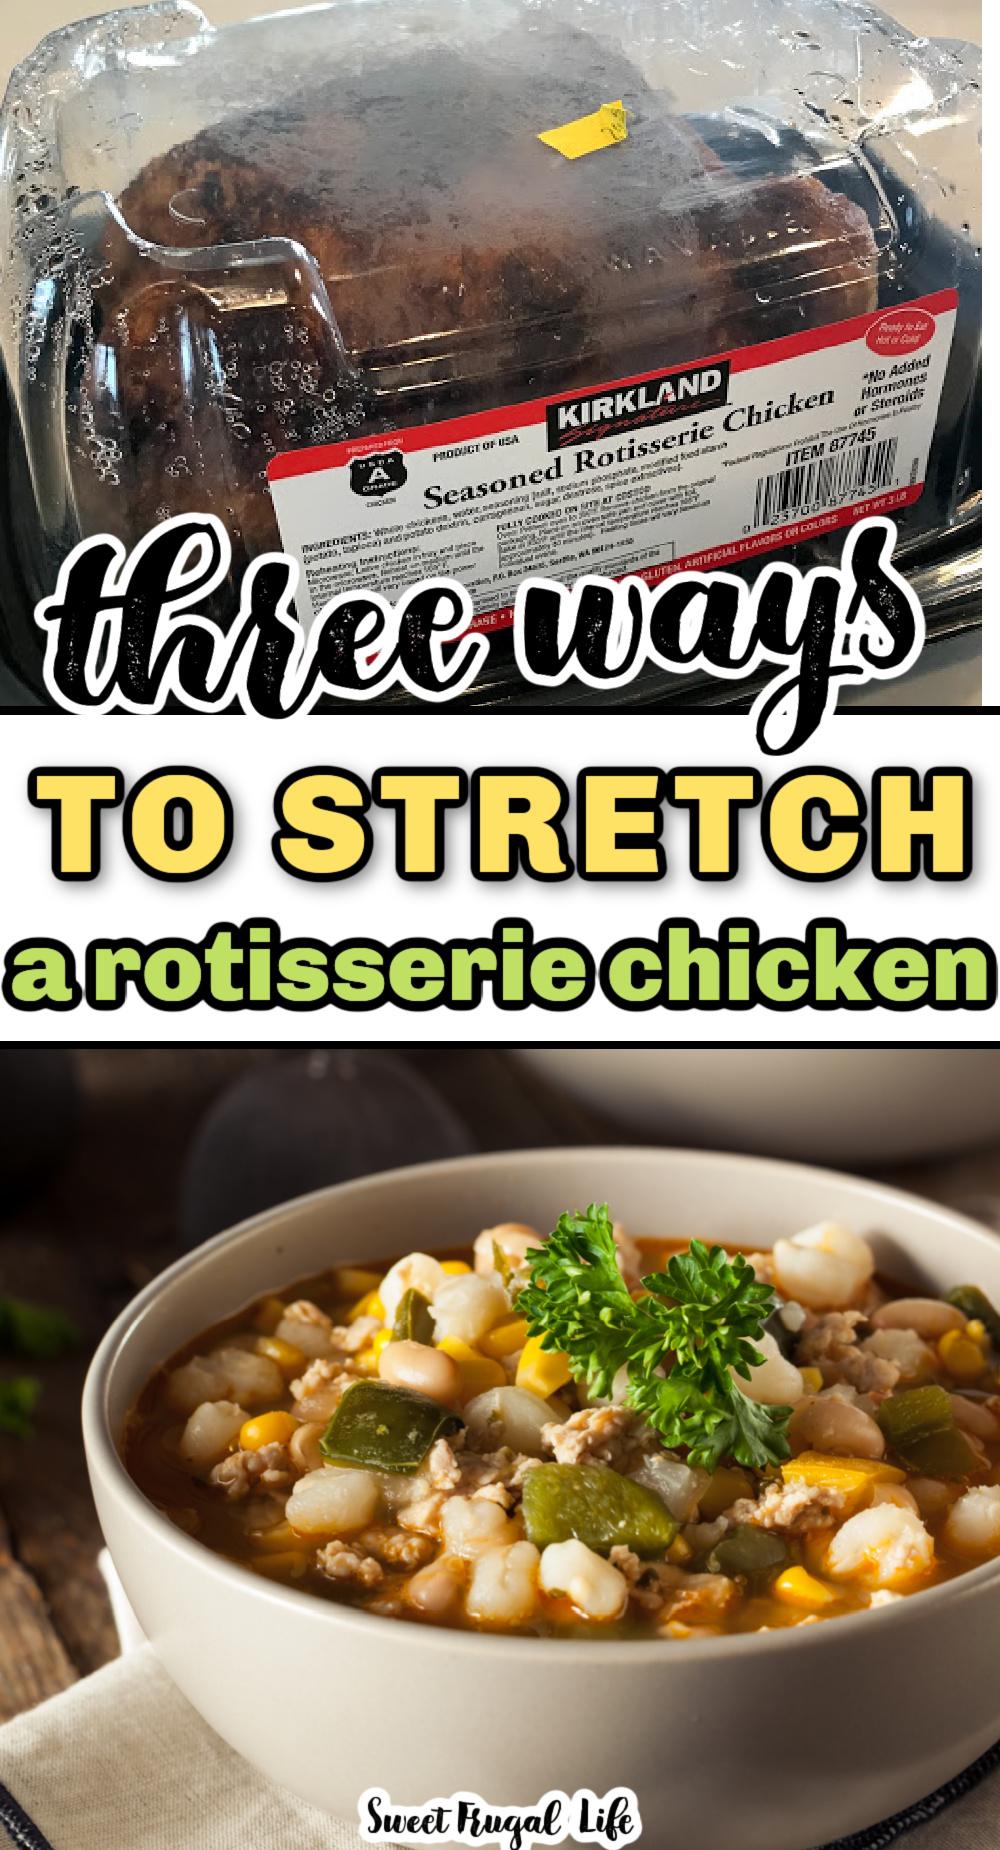 Costco chicken recipes - rotisserie chicken recipes